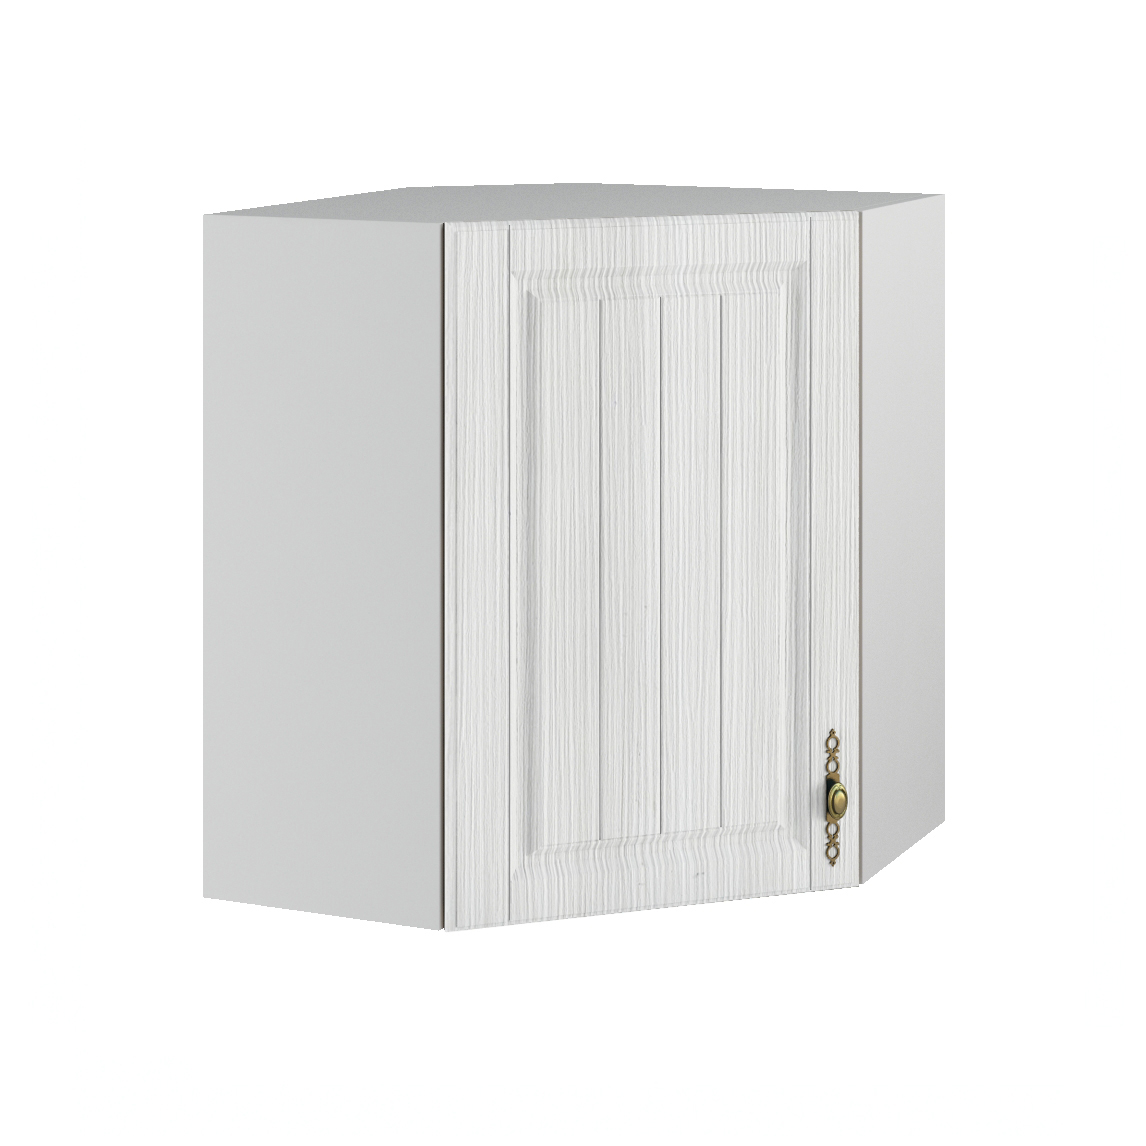 Кухня Империя ПУ 600*600 Шкаф верхний угловой